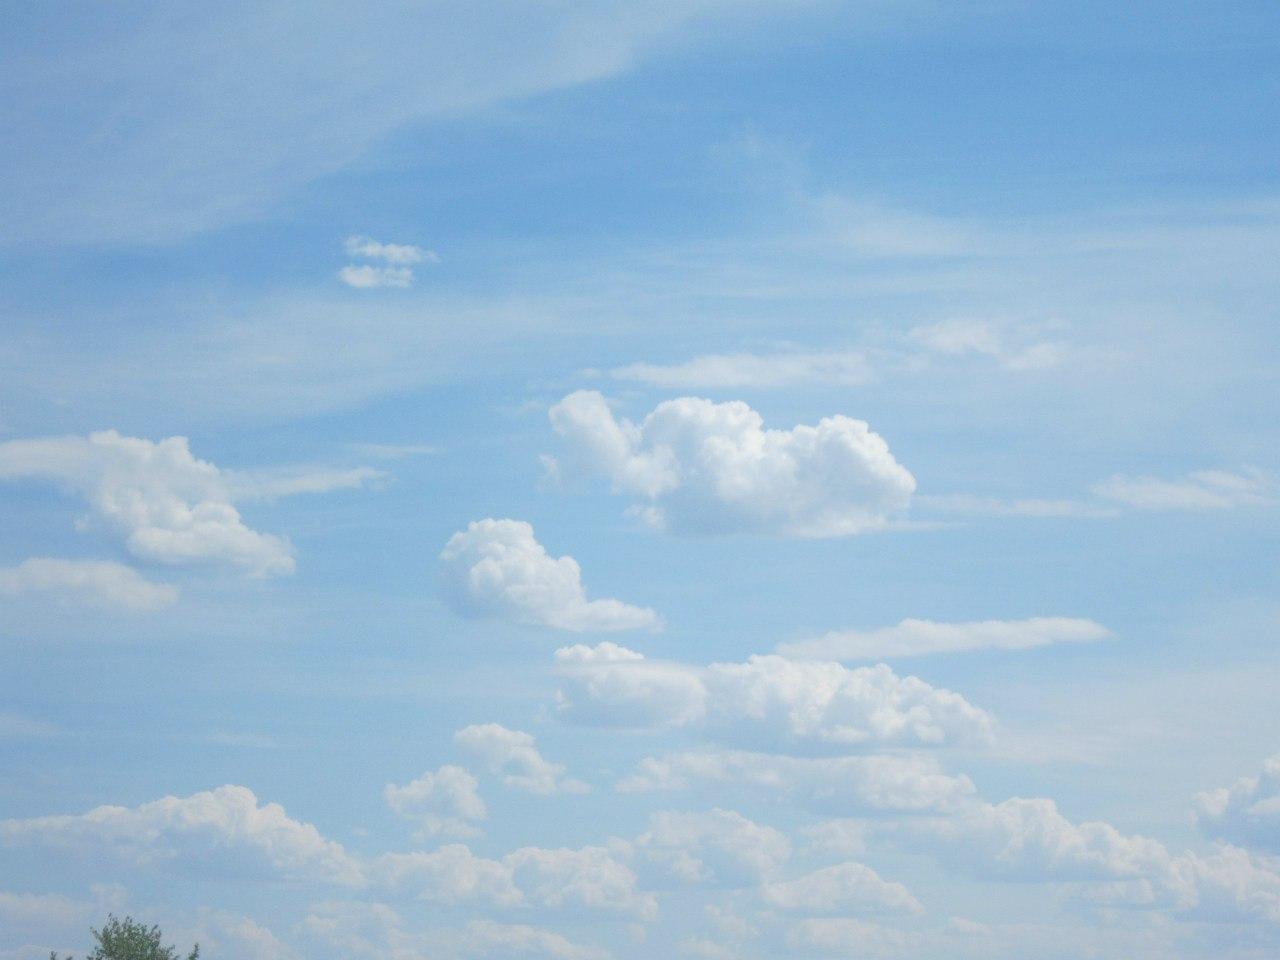 А небо там - голубое-голубое... (25.06.2013)